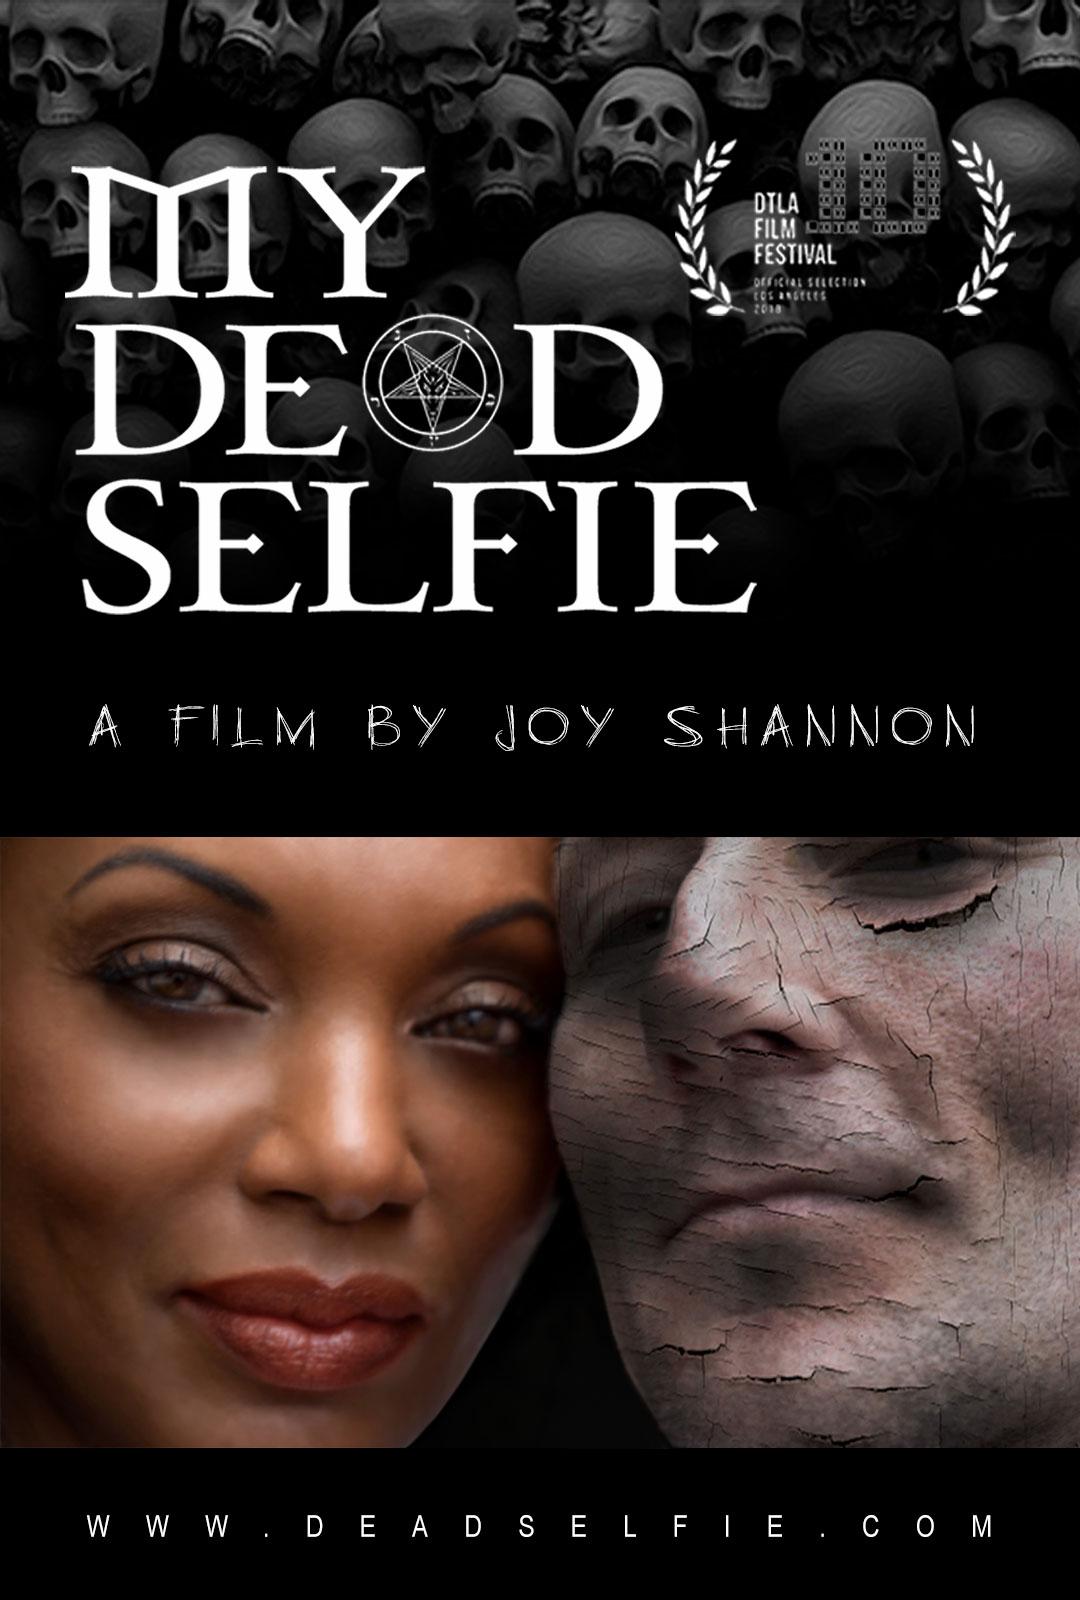 My Dead Selfie by Joy Shannon